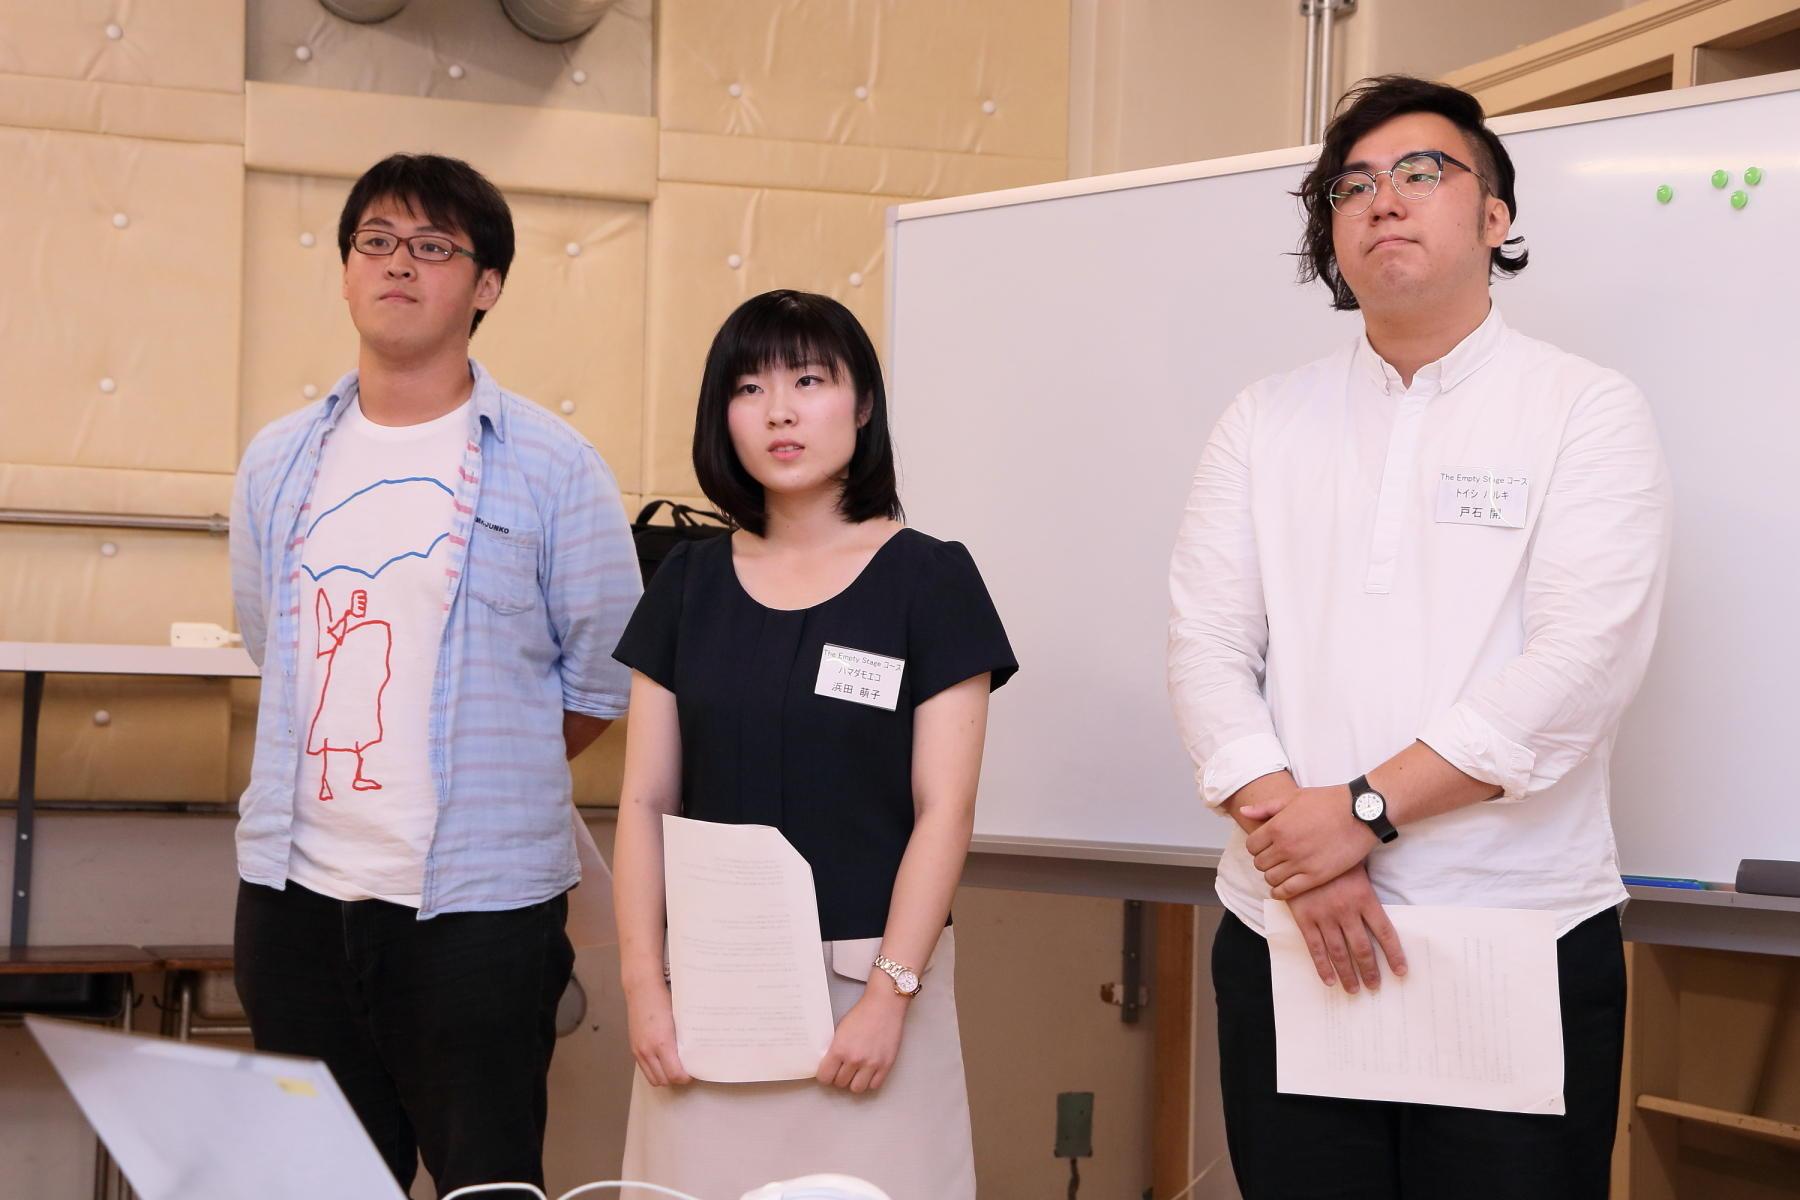 http://news.yoshimoto.co.jp/20170910063850-17f82611188d88c4f06770ffc6d8f8bcba72cac2.jpg